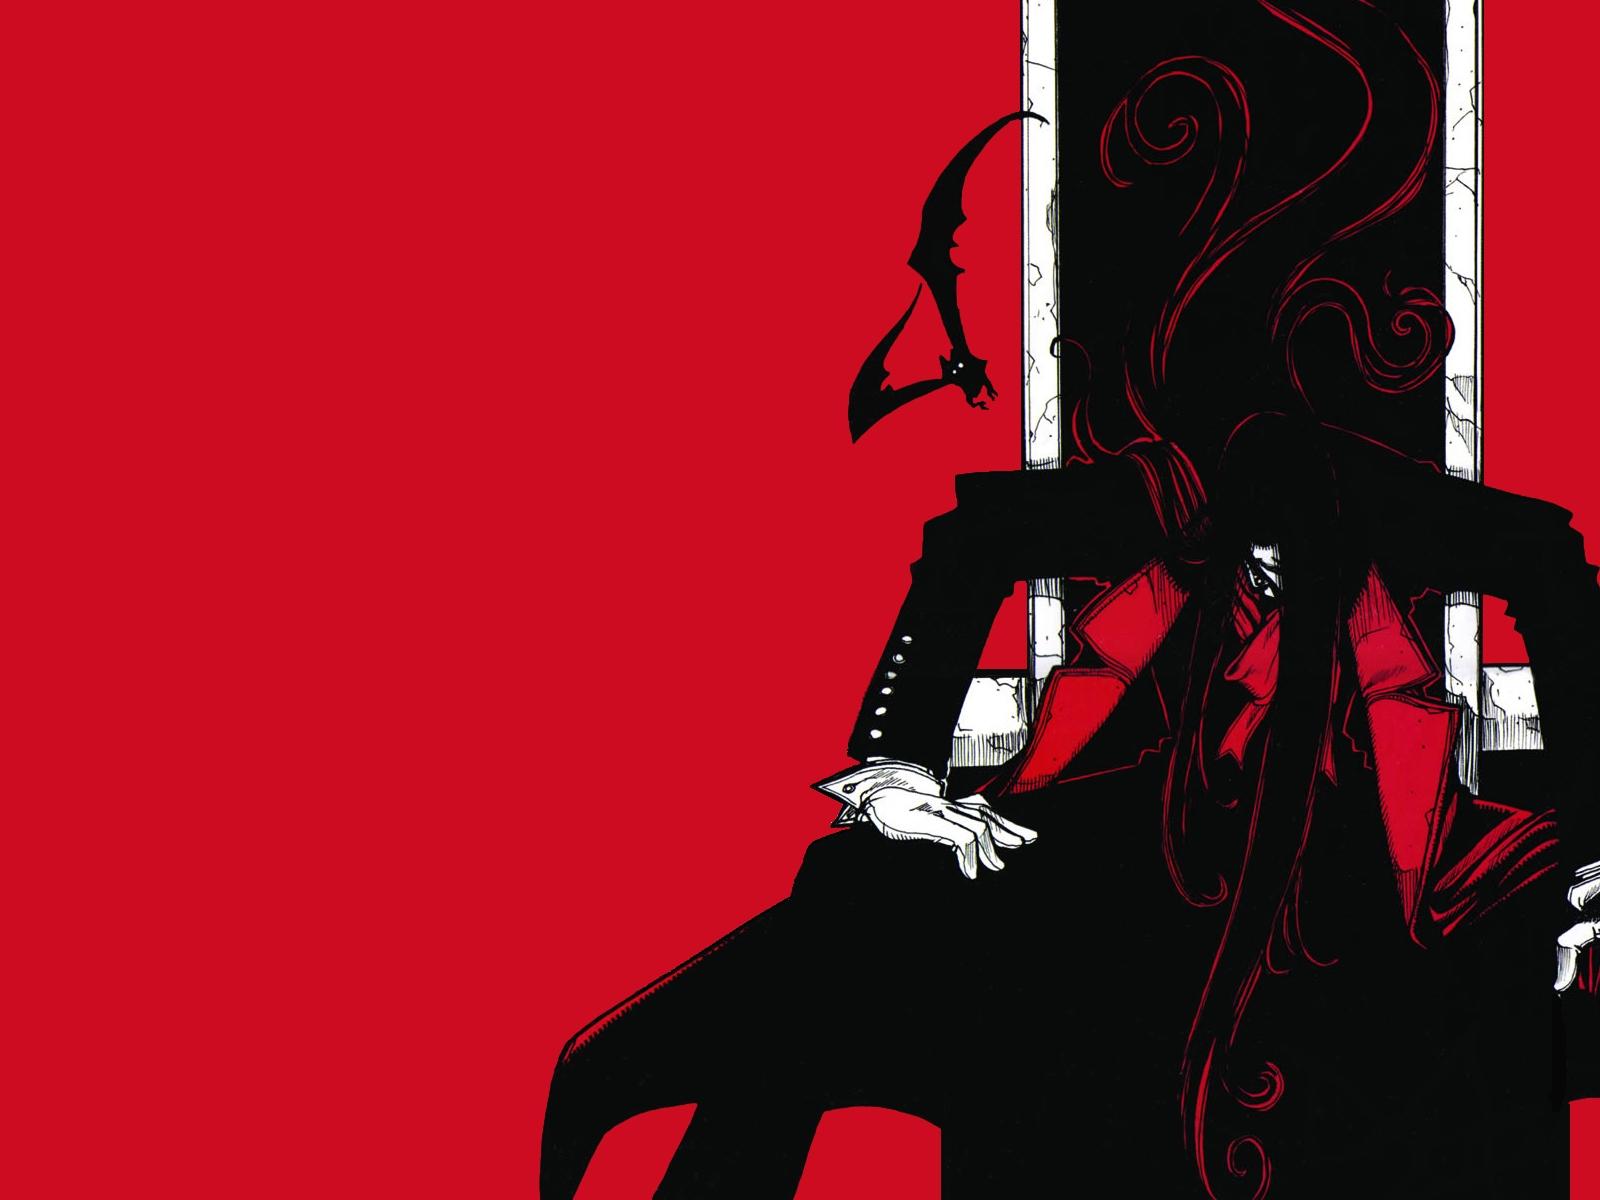 alucard hellsing red